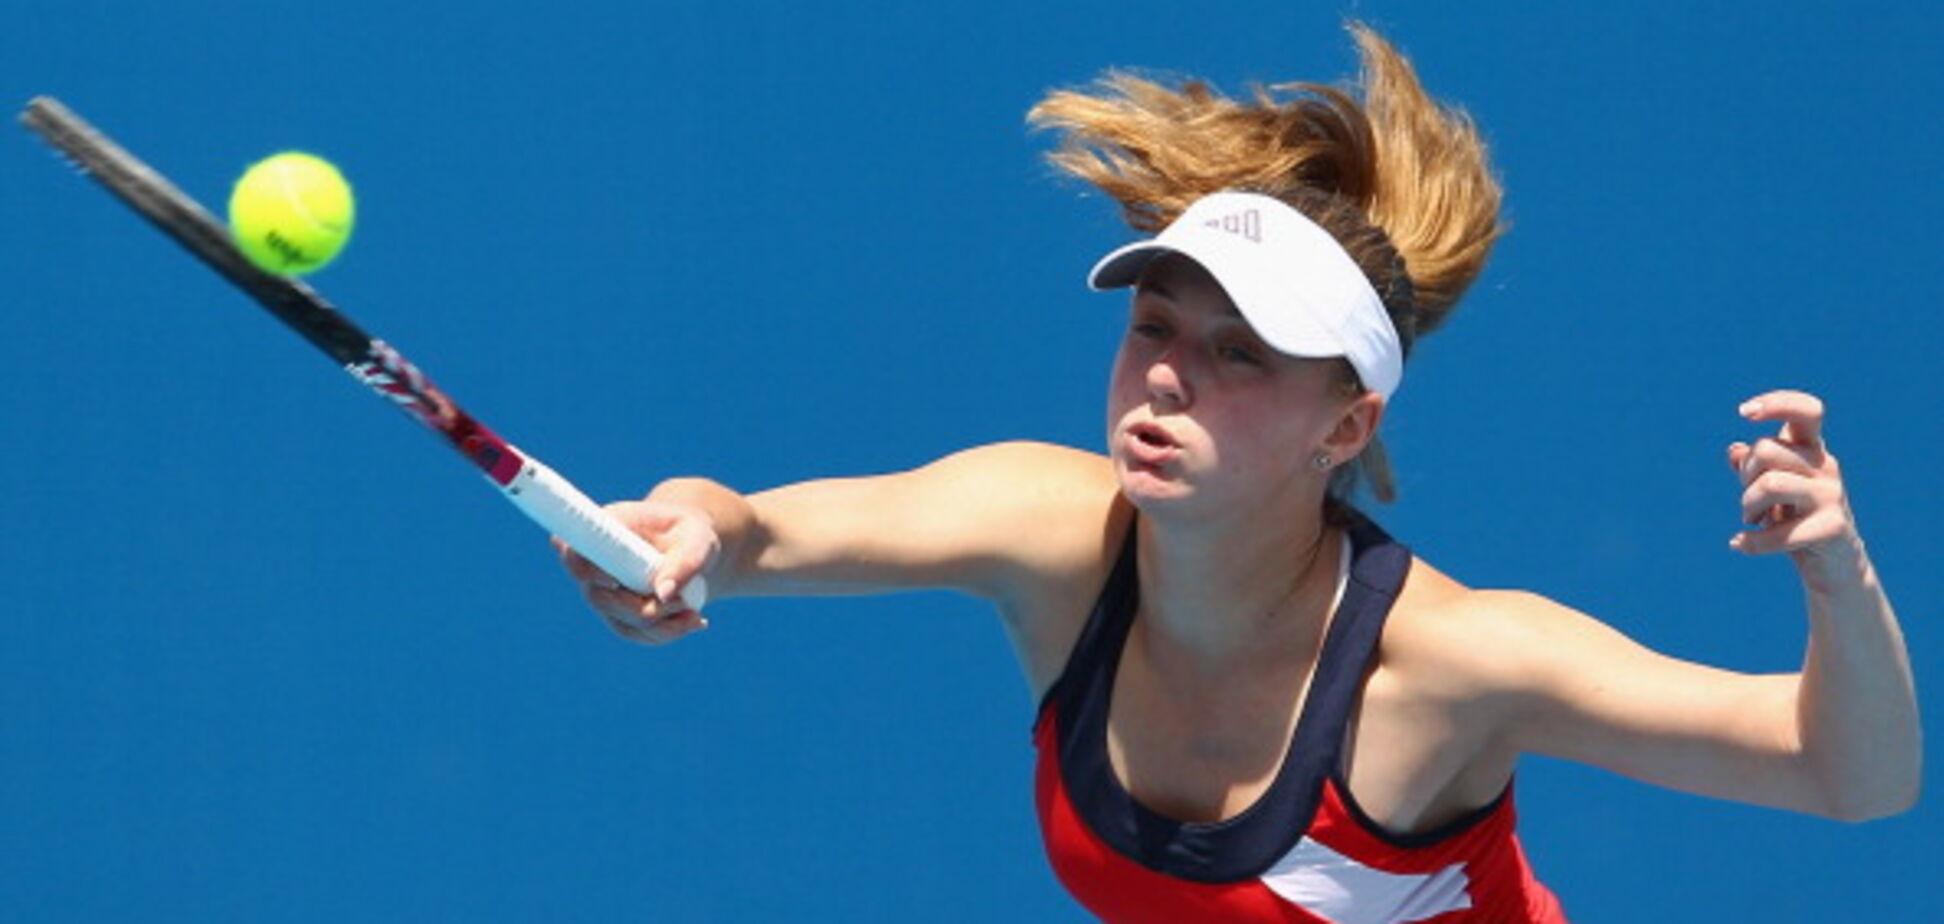 'За обе щеки!' Знаменитая теннисистка из РФ 'умыла' россиян резким заявлением о допинге